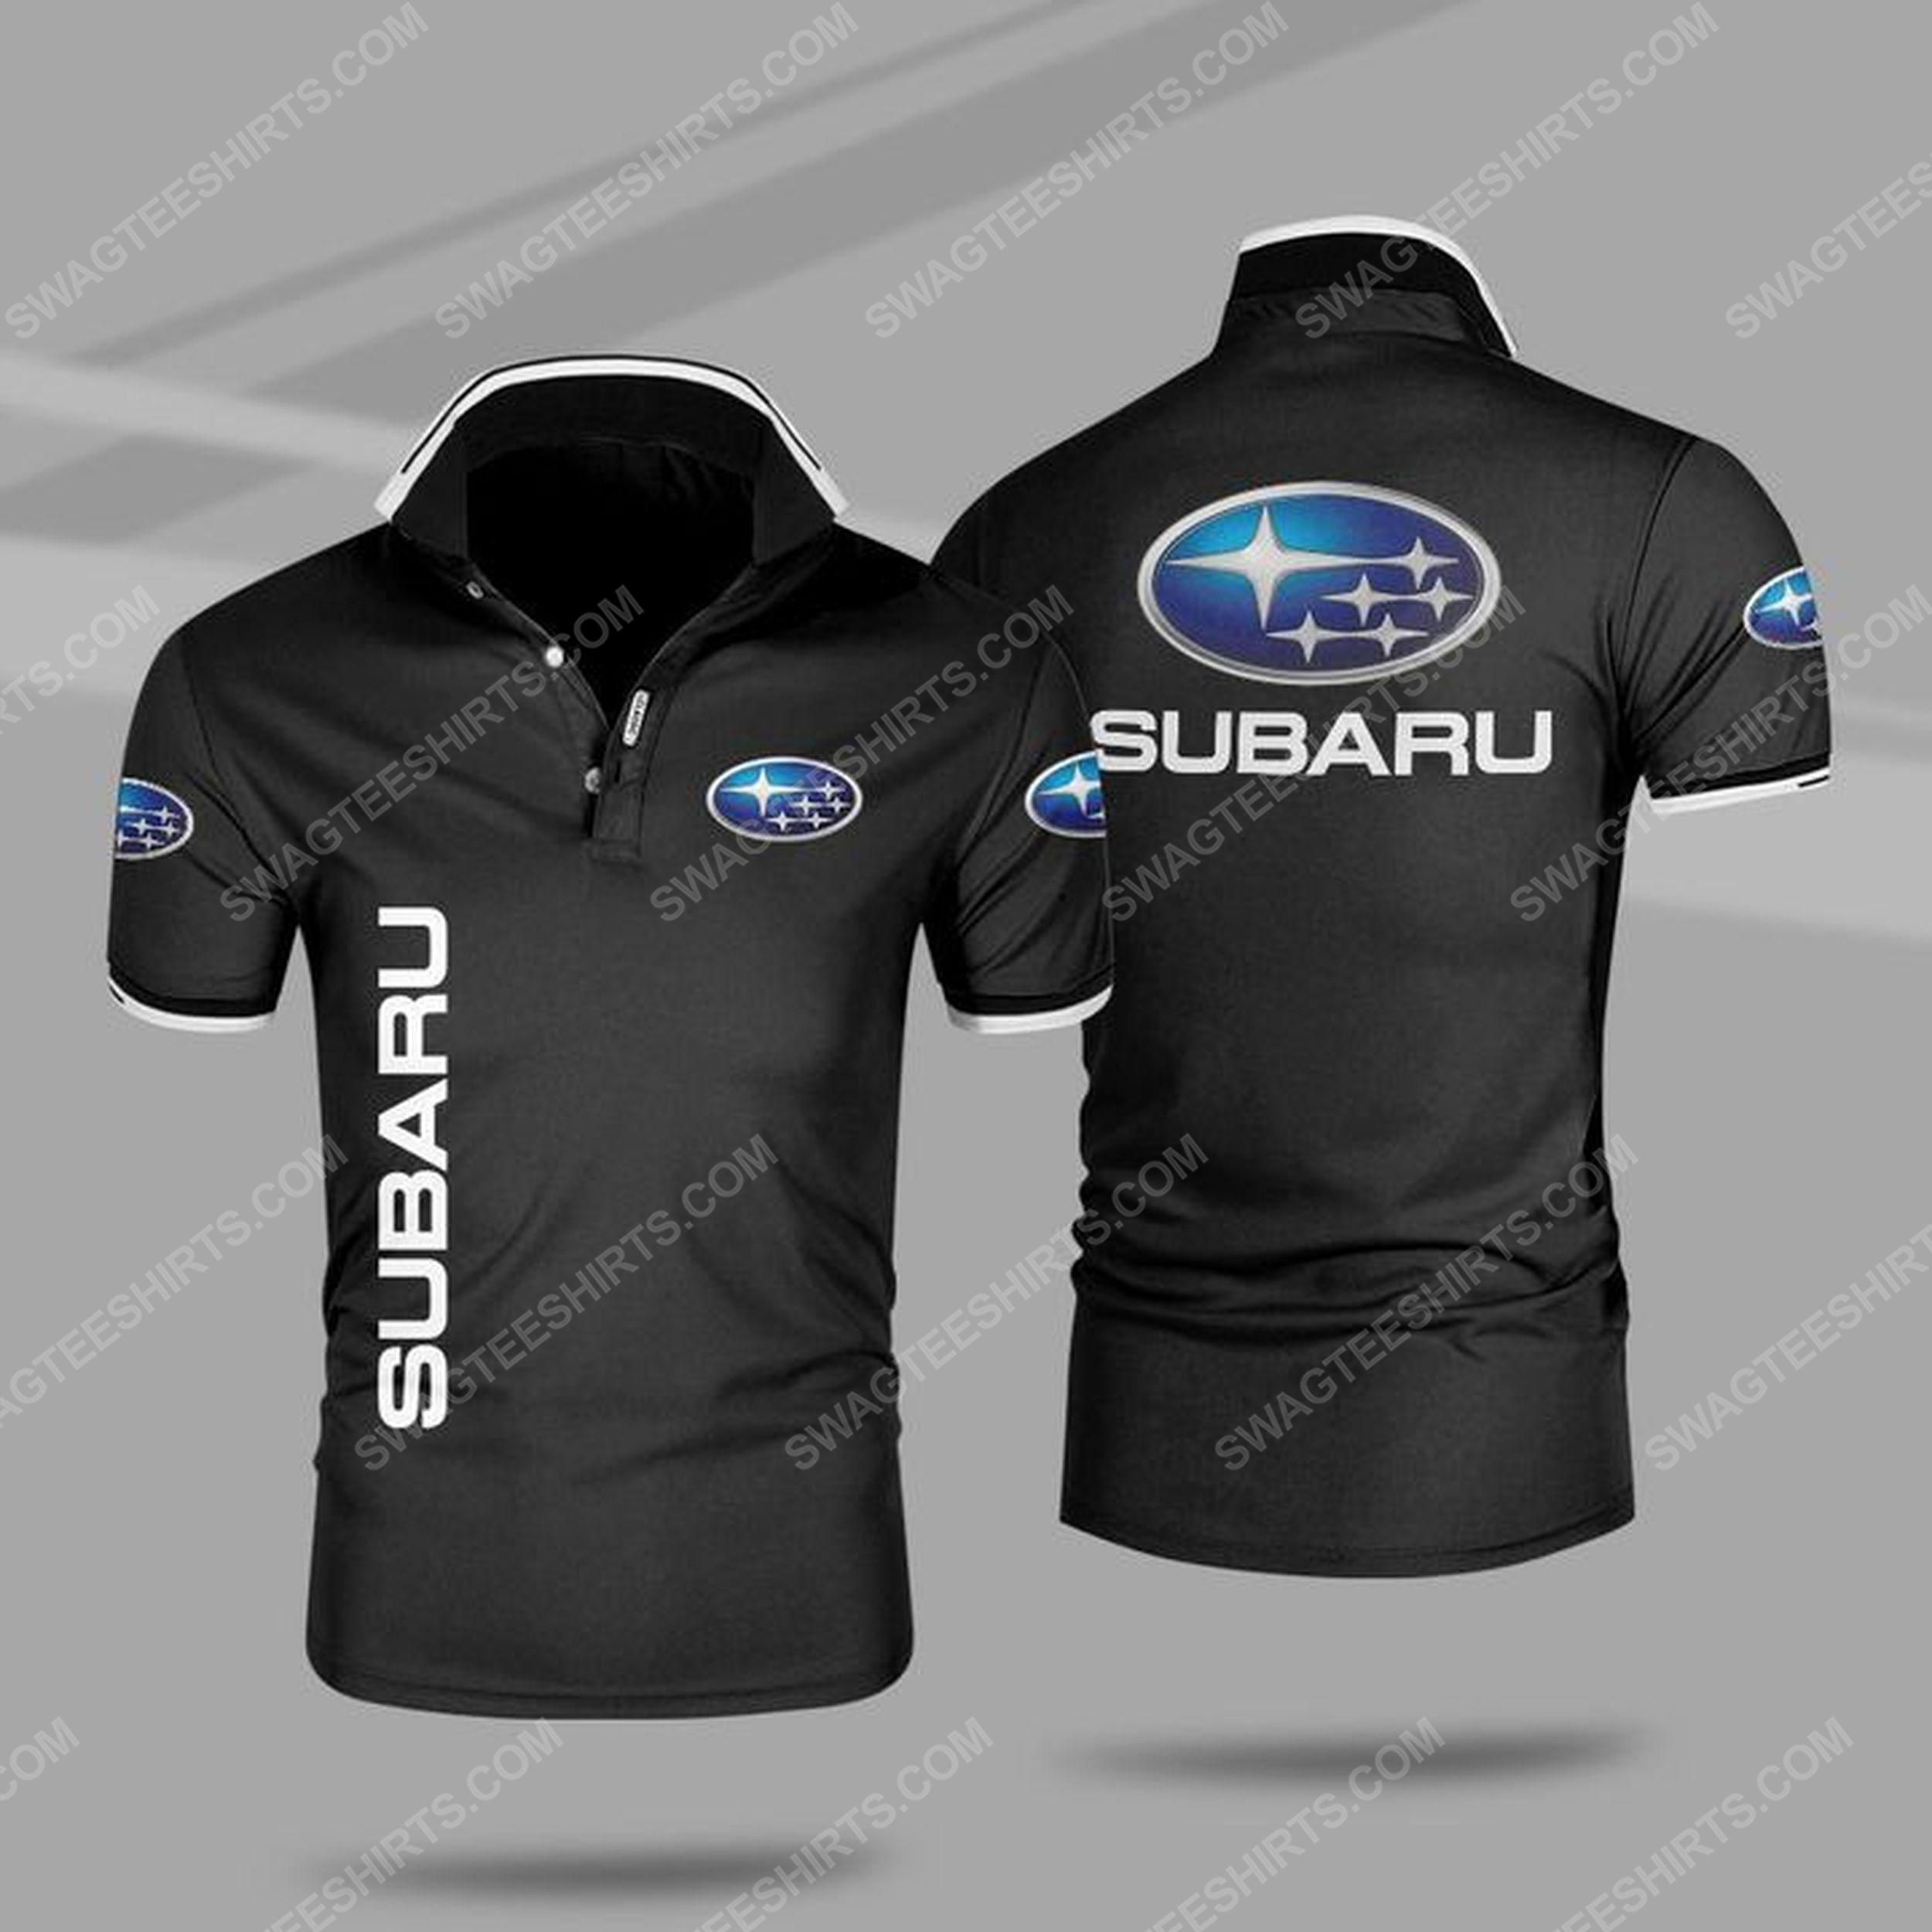 The subaru car symbol all over print polo shirt - black 1